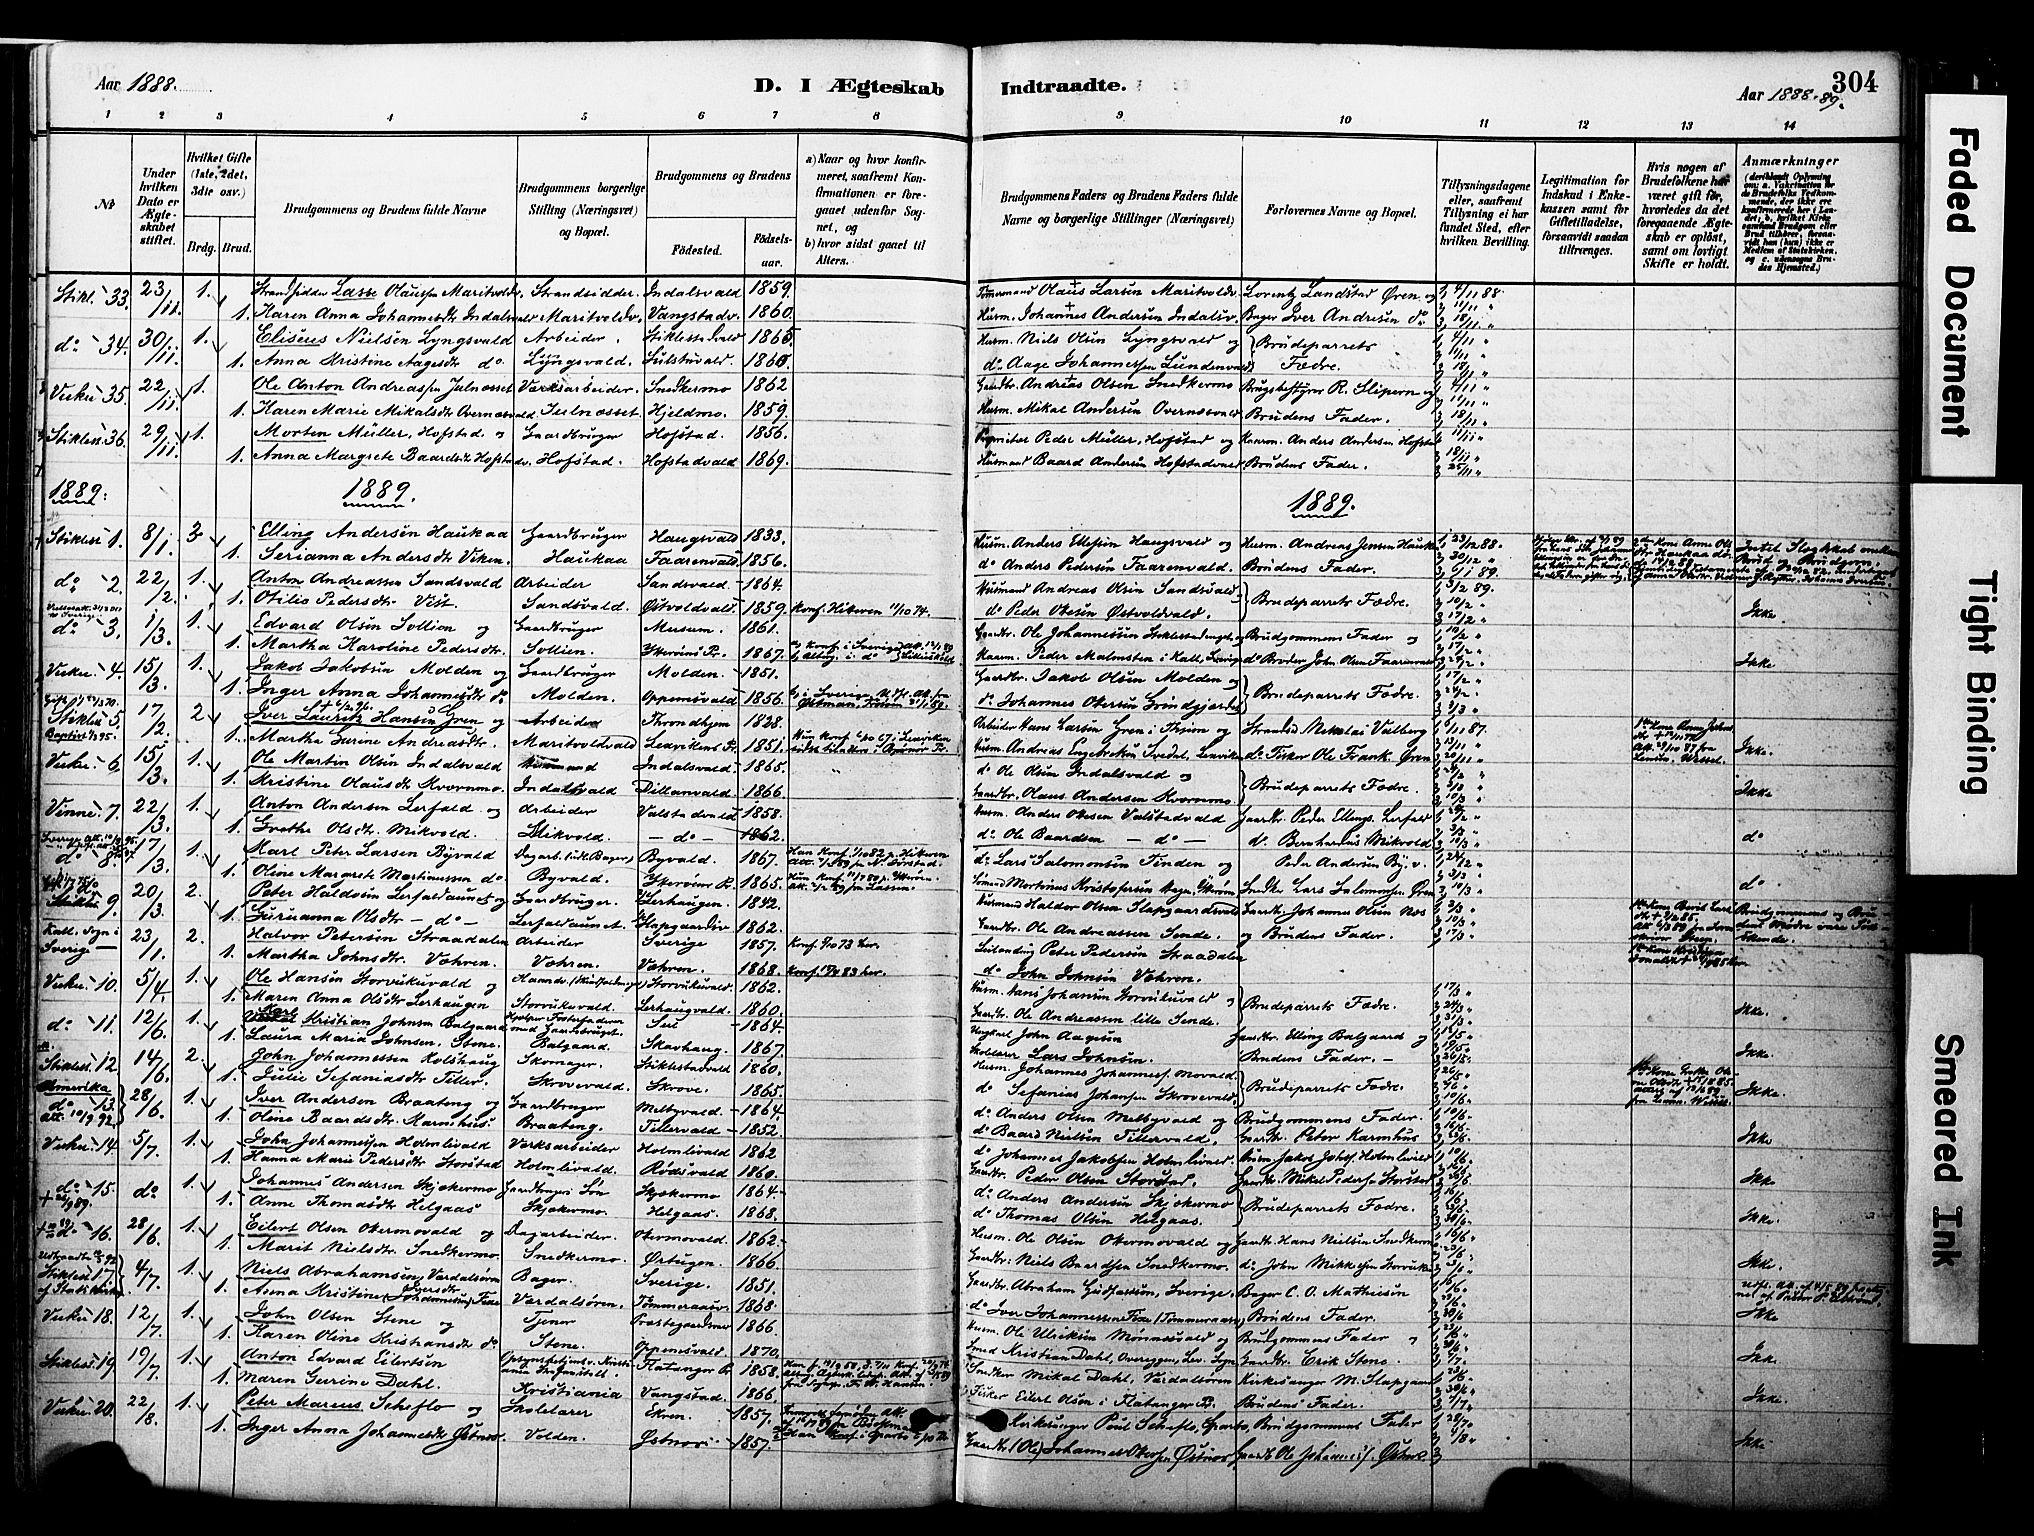 SAT, Ministerialprotokoller, klokkerbøker og fødselsregistre - Nord-Trøndelag, 723/L0244: Ministerialbok nr. 723A13, 1881-1899, s. 304